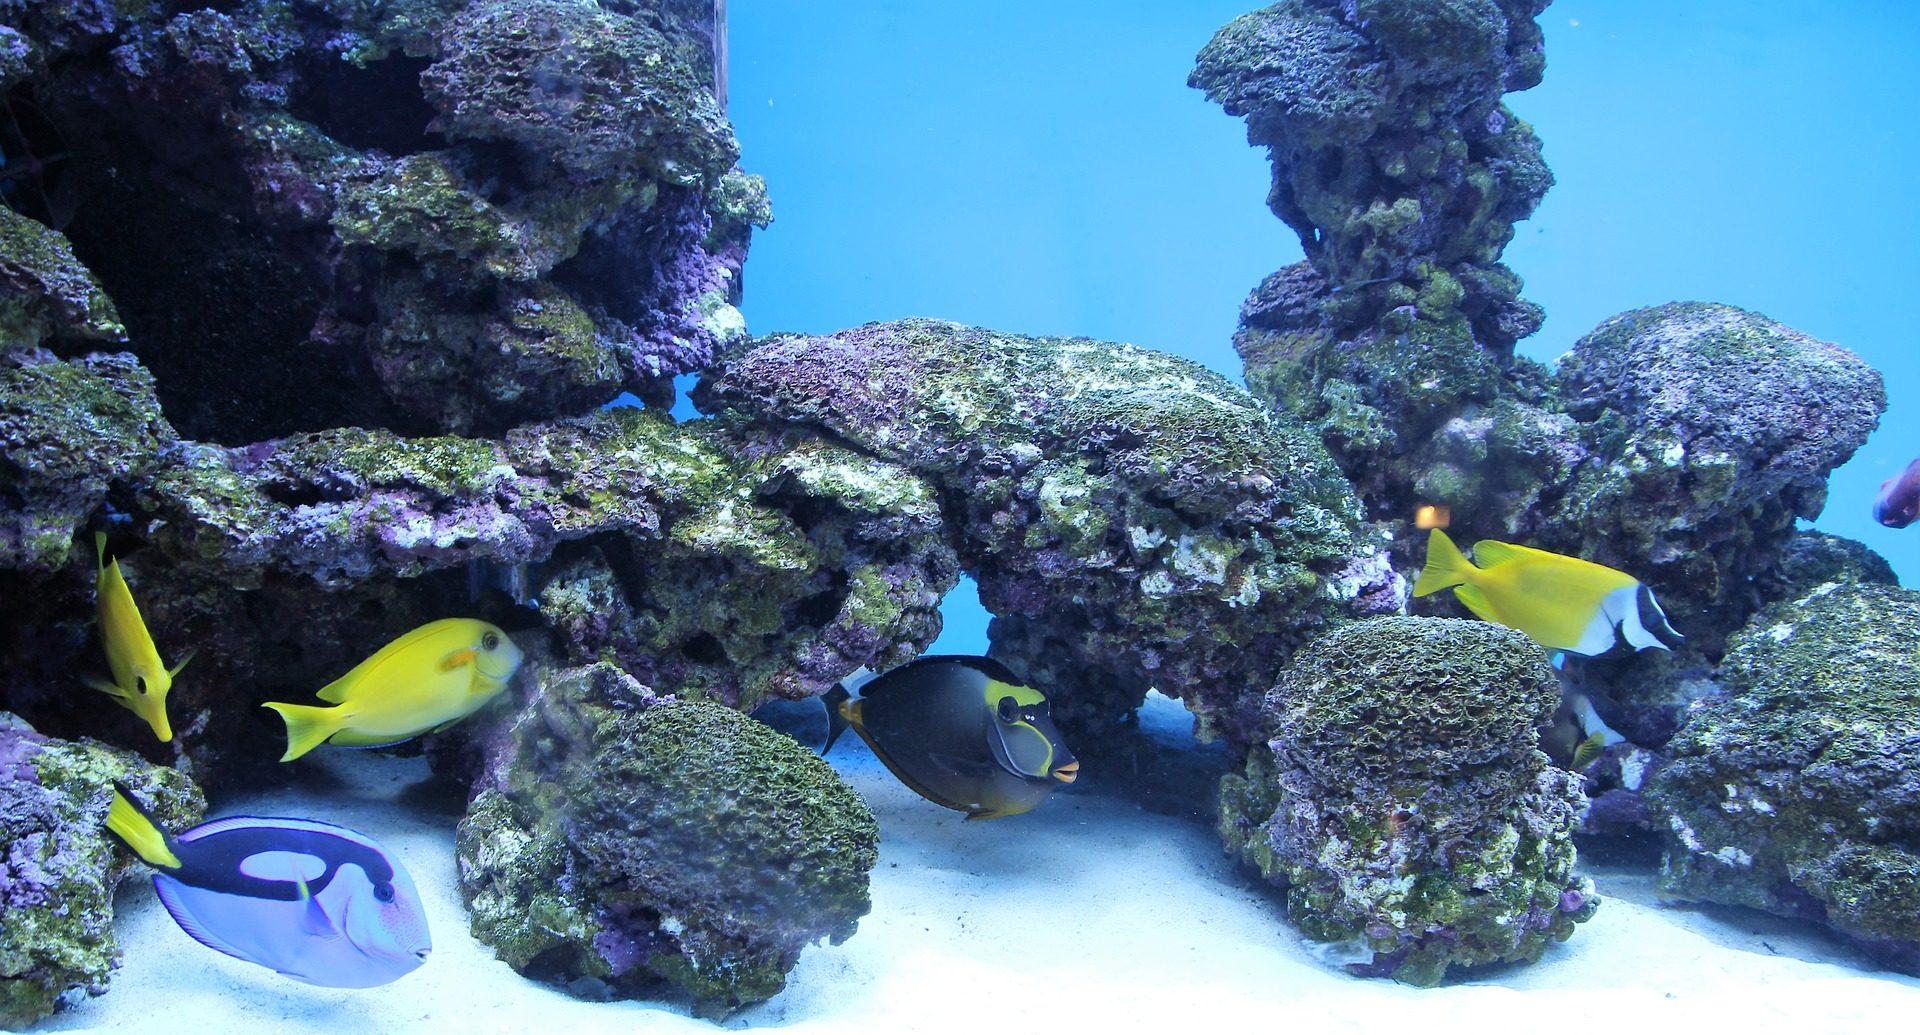 Fondo de pantalla de acuario peces tropicales corales for Peces tropicales acuario